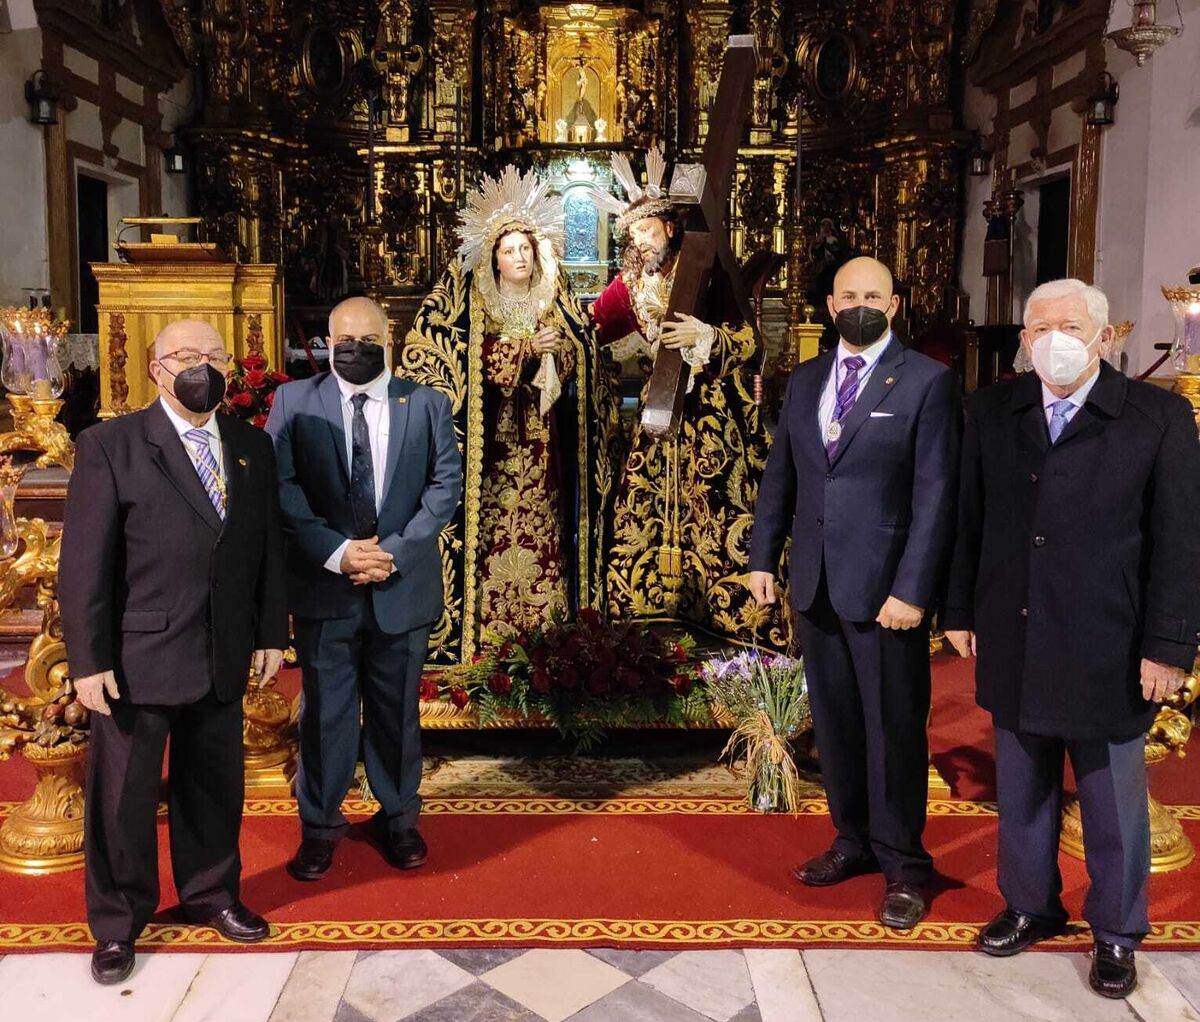 El hermano mayor de Afligidos, Ramón Velázquez, con los homenajeados: Juan Carlos Romero, Jesús Guerrero y Joaquín Lamet.